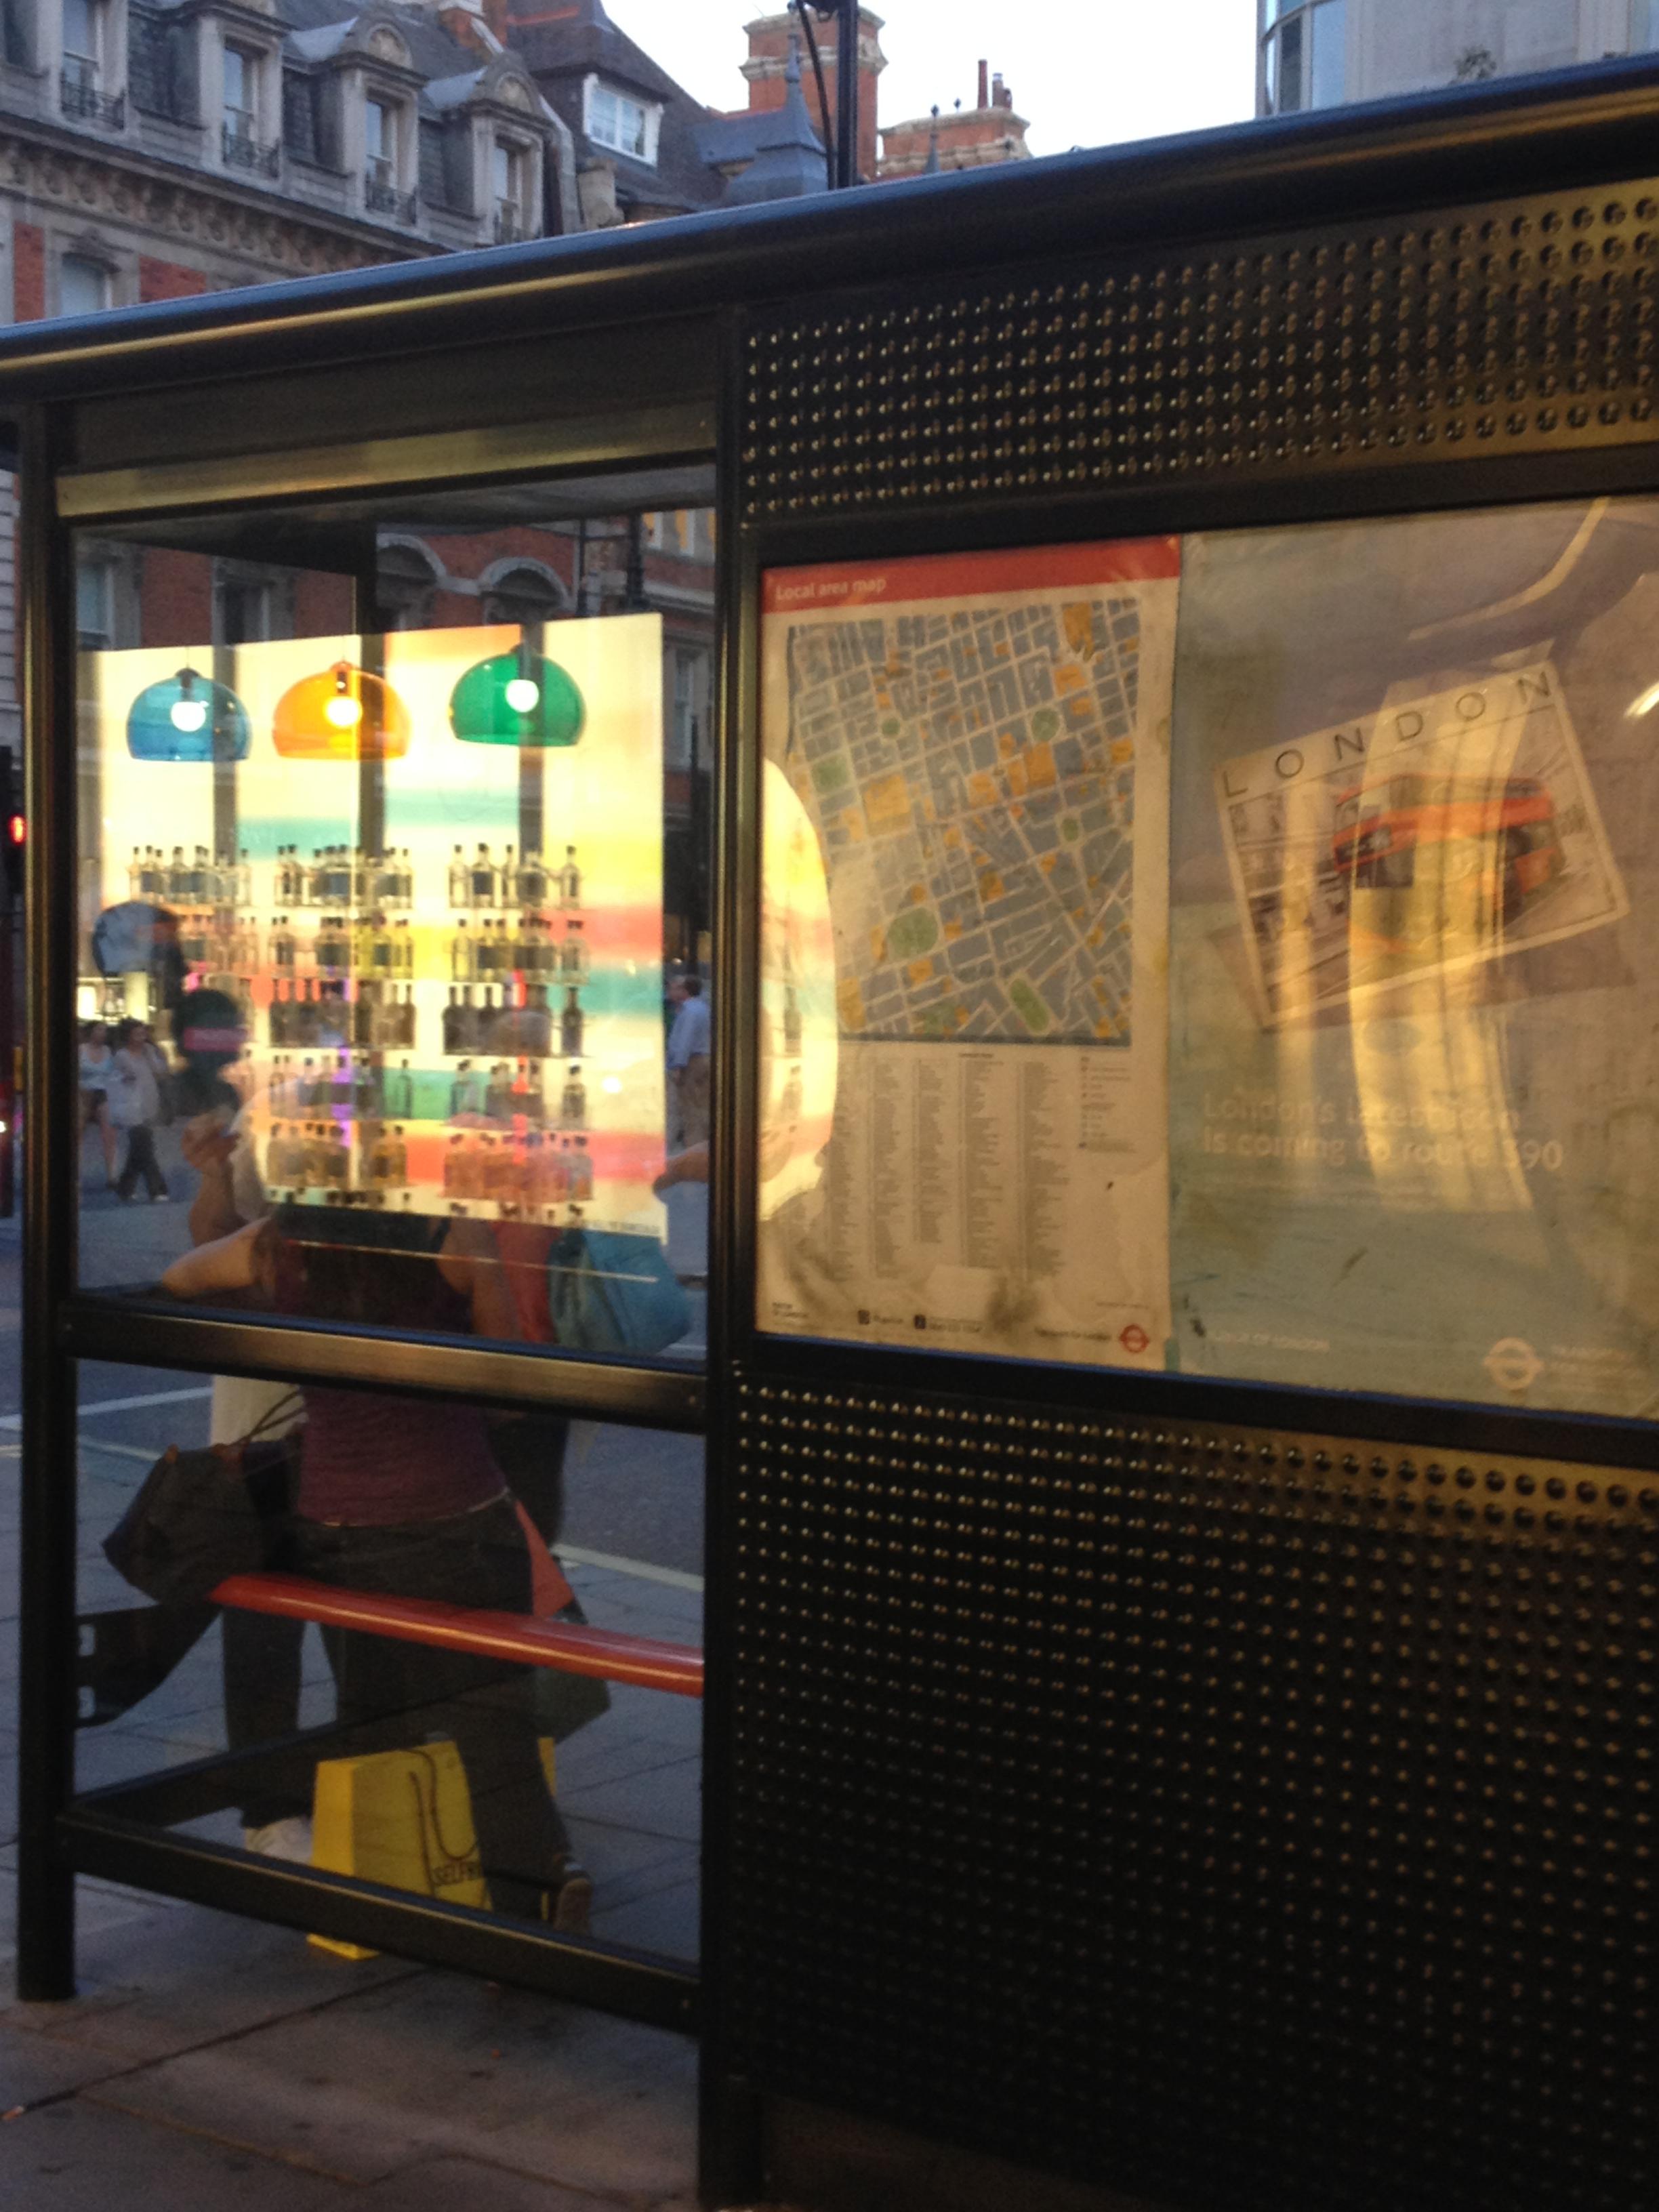 לונדון שלי by Shuli Sapir-Nevo Photo and Motto - Illustrated by שולמית ספיר-נבו - Ourboox.com